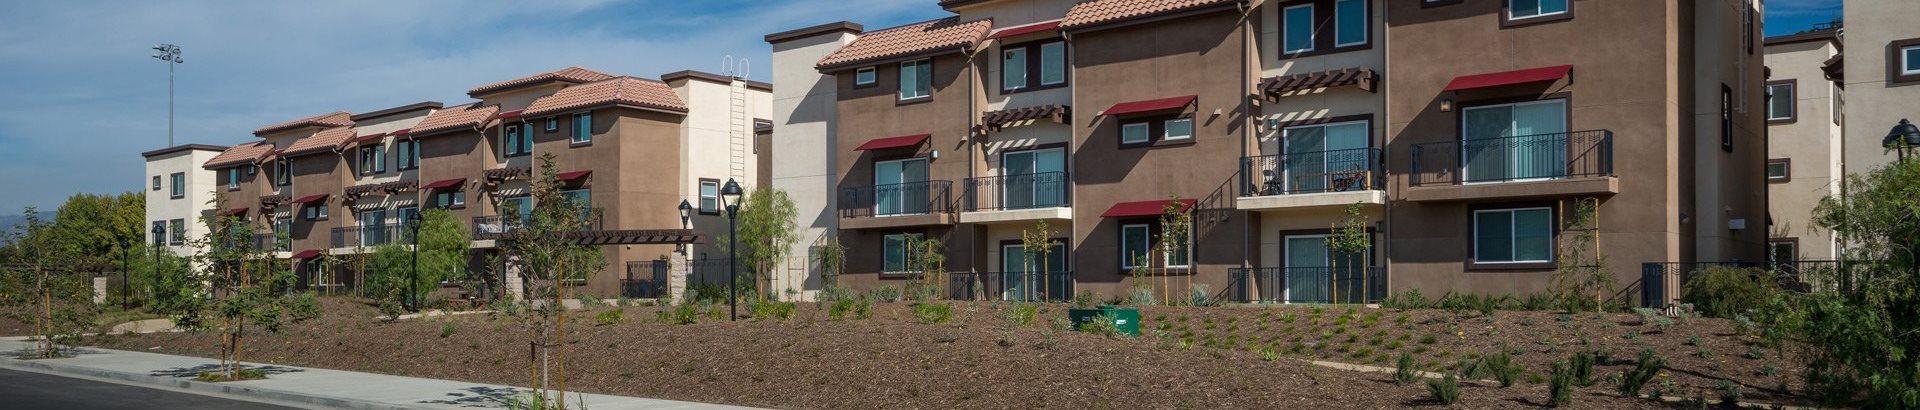 Building exterior-Rio Vista Apartments, Los Angeles, CA